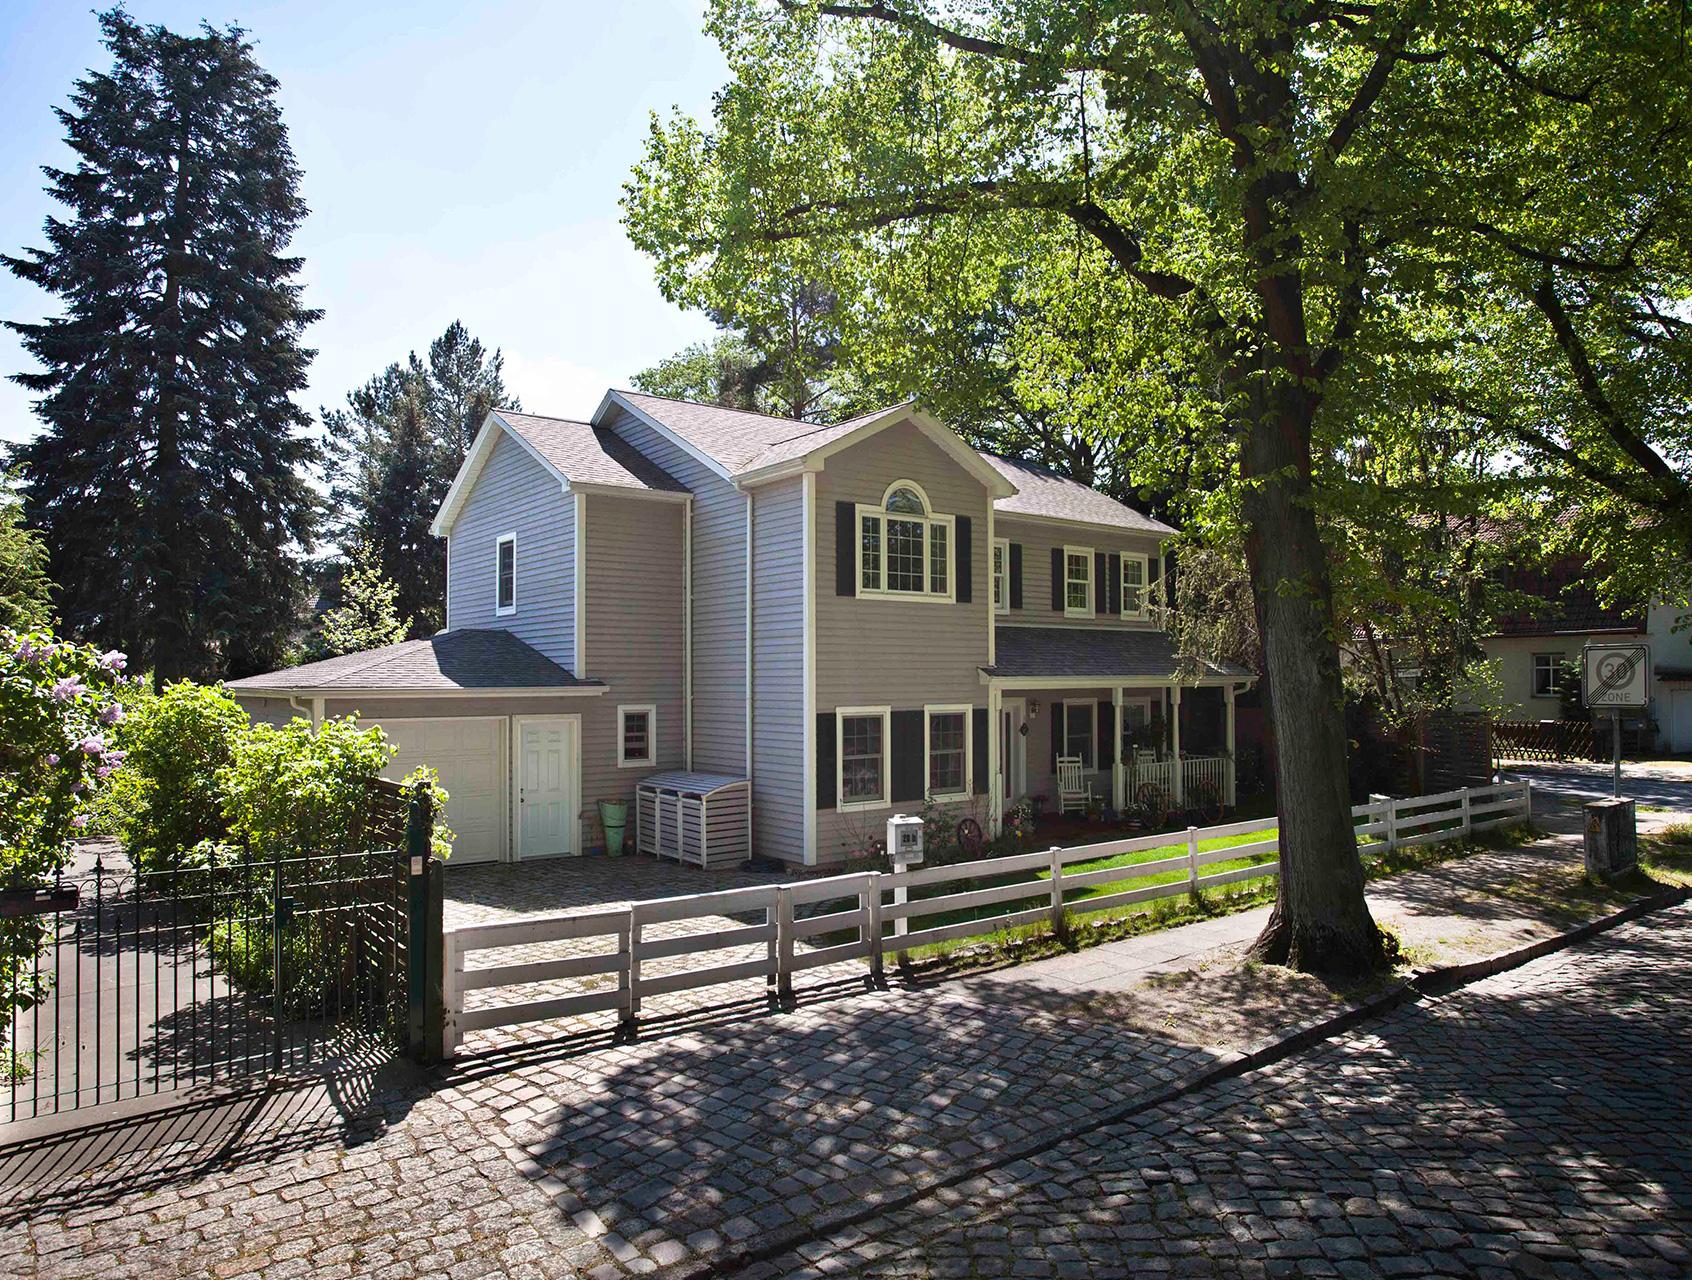 Wunderbar Häuser Stile Beste Wahl Werfen Sie Einen Blick Auf Unsere Häuser